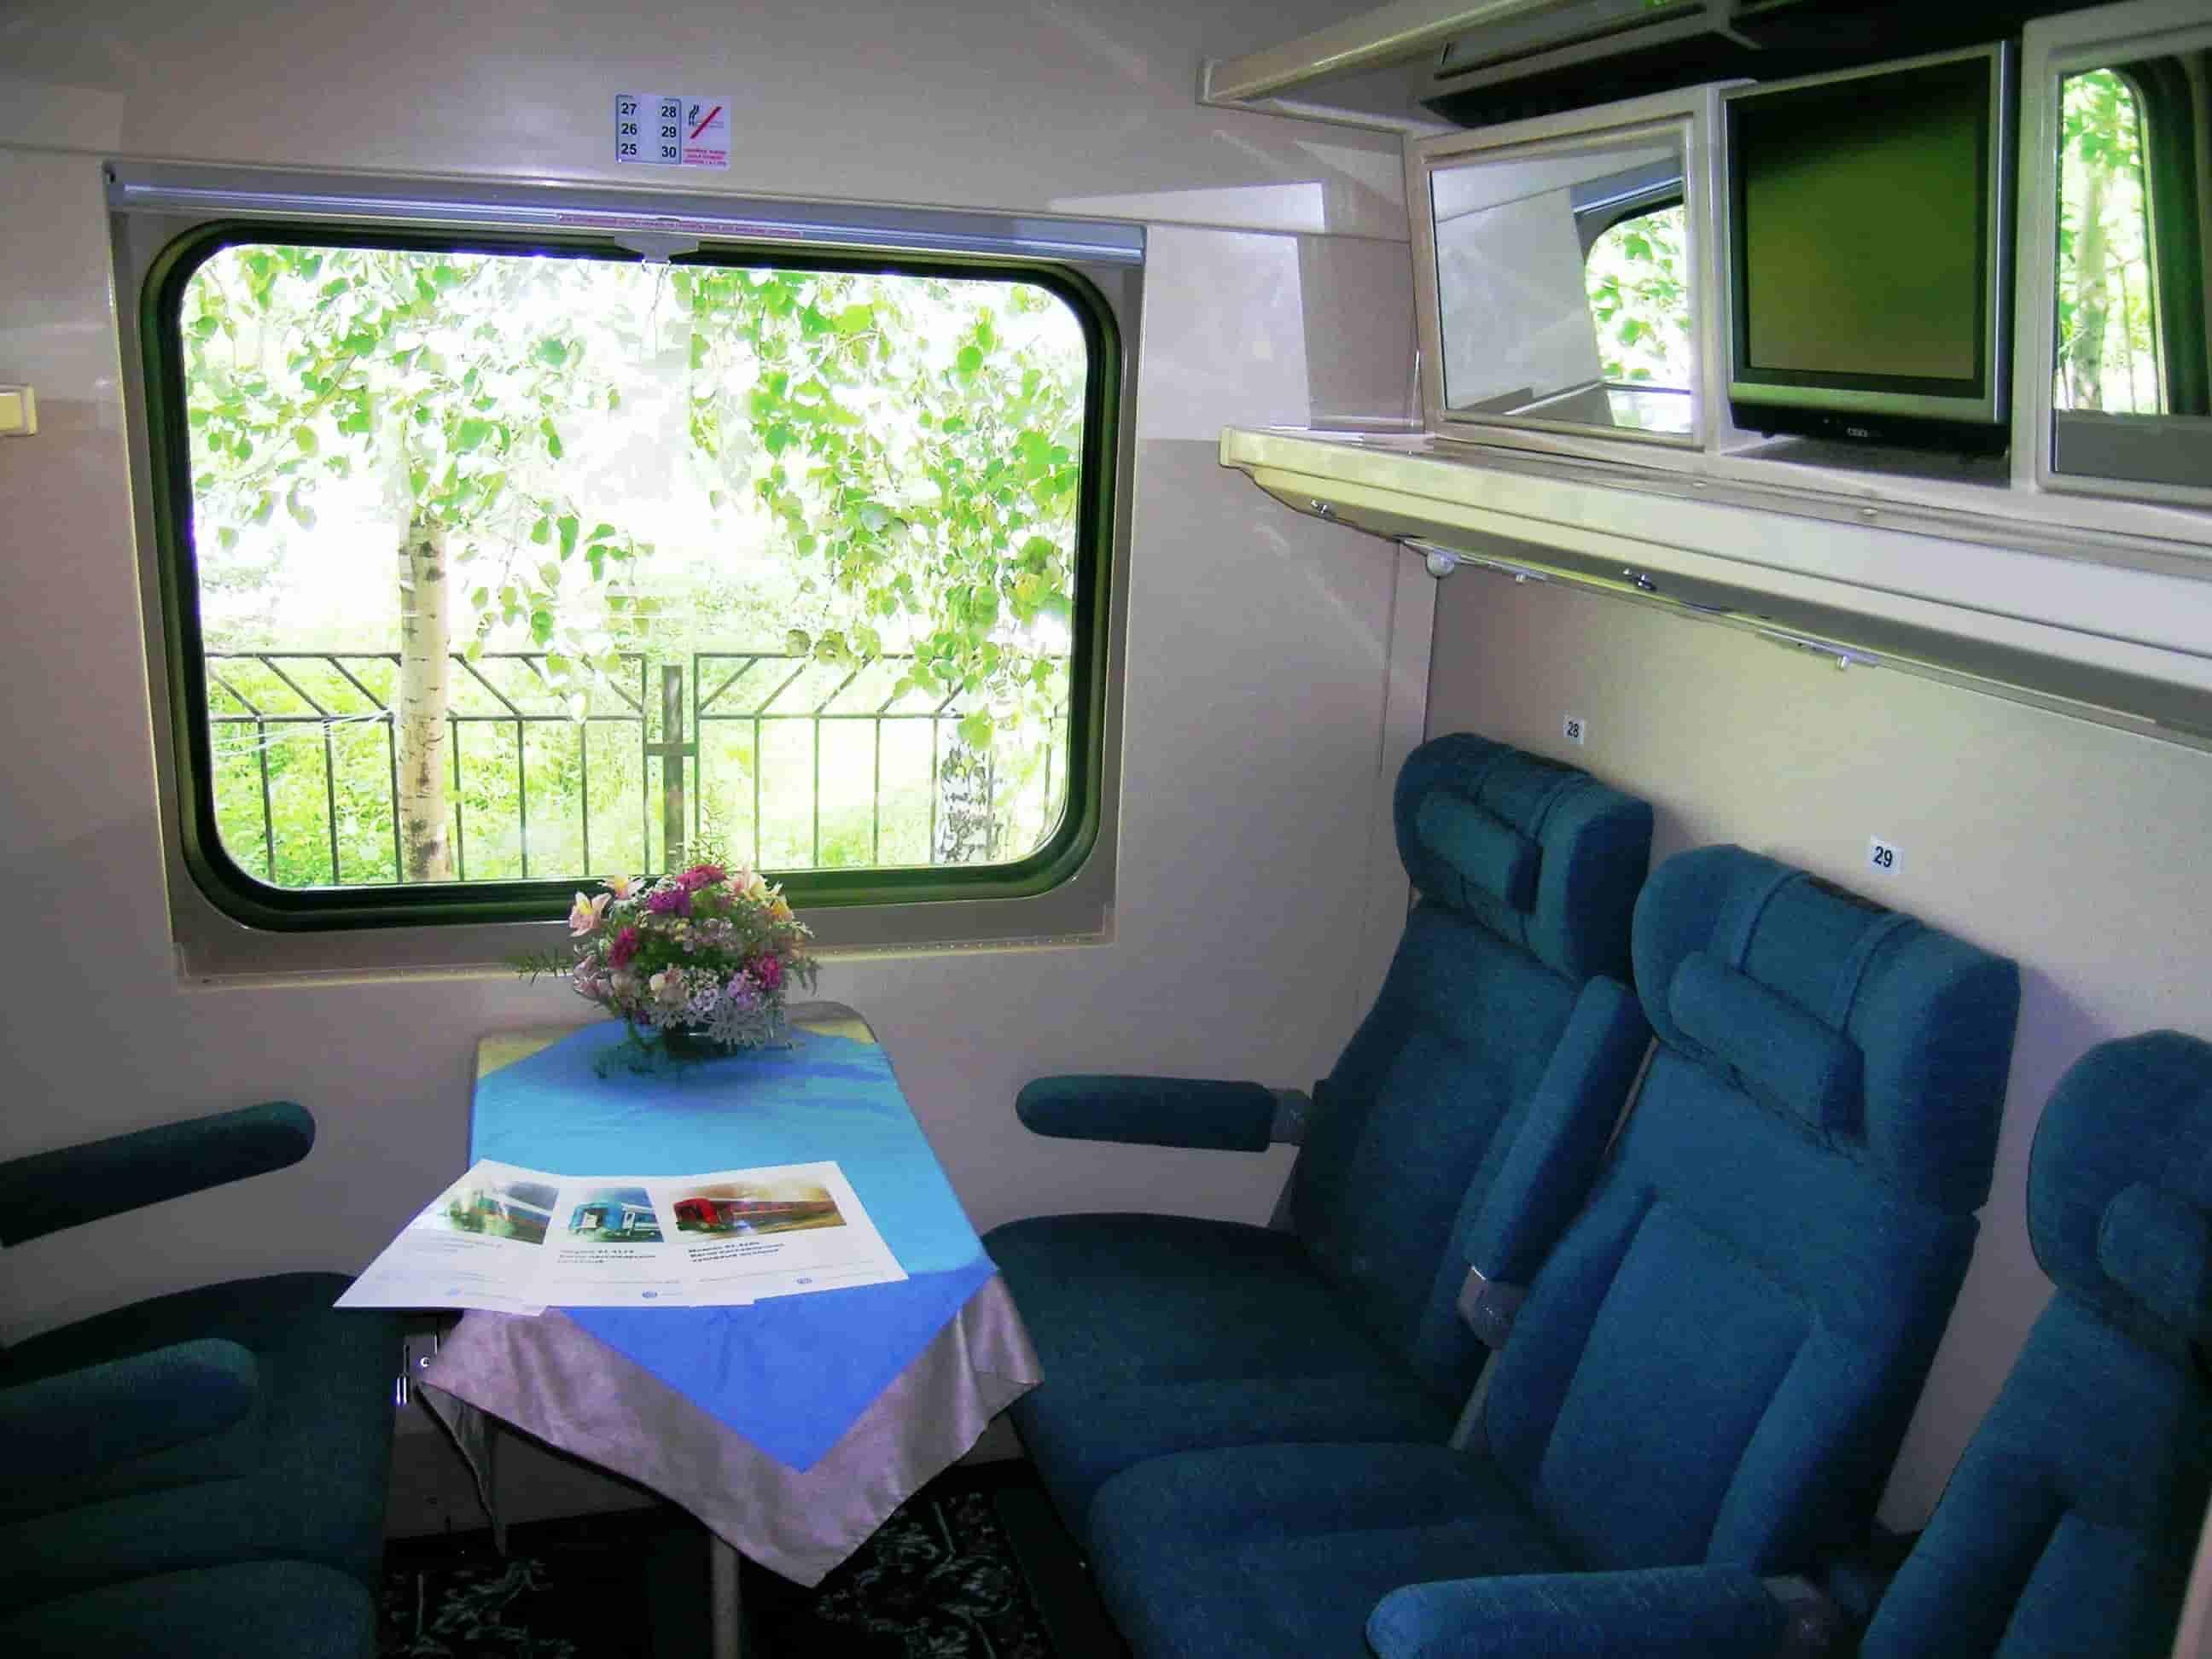 Укрзалізниця отримала вагони підвищеної комфортності від Крюківського заводу